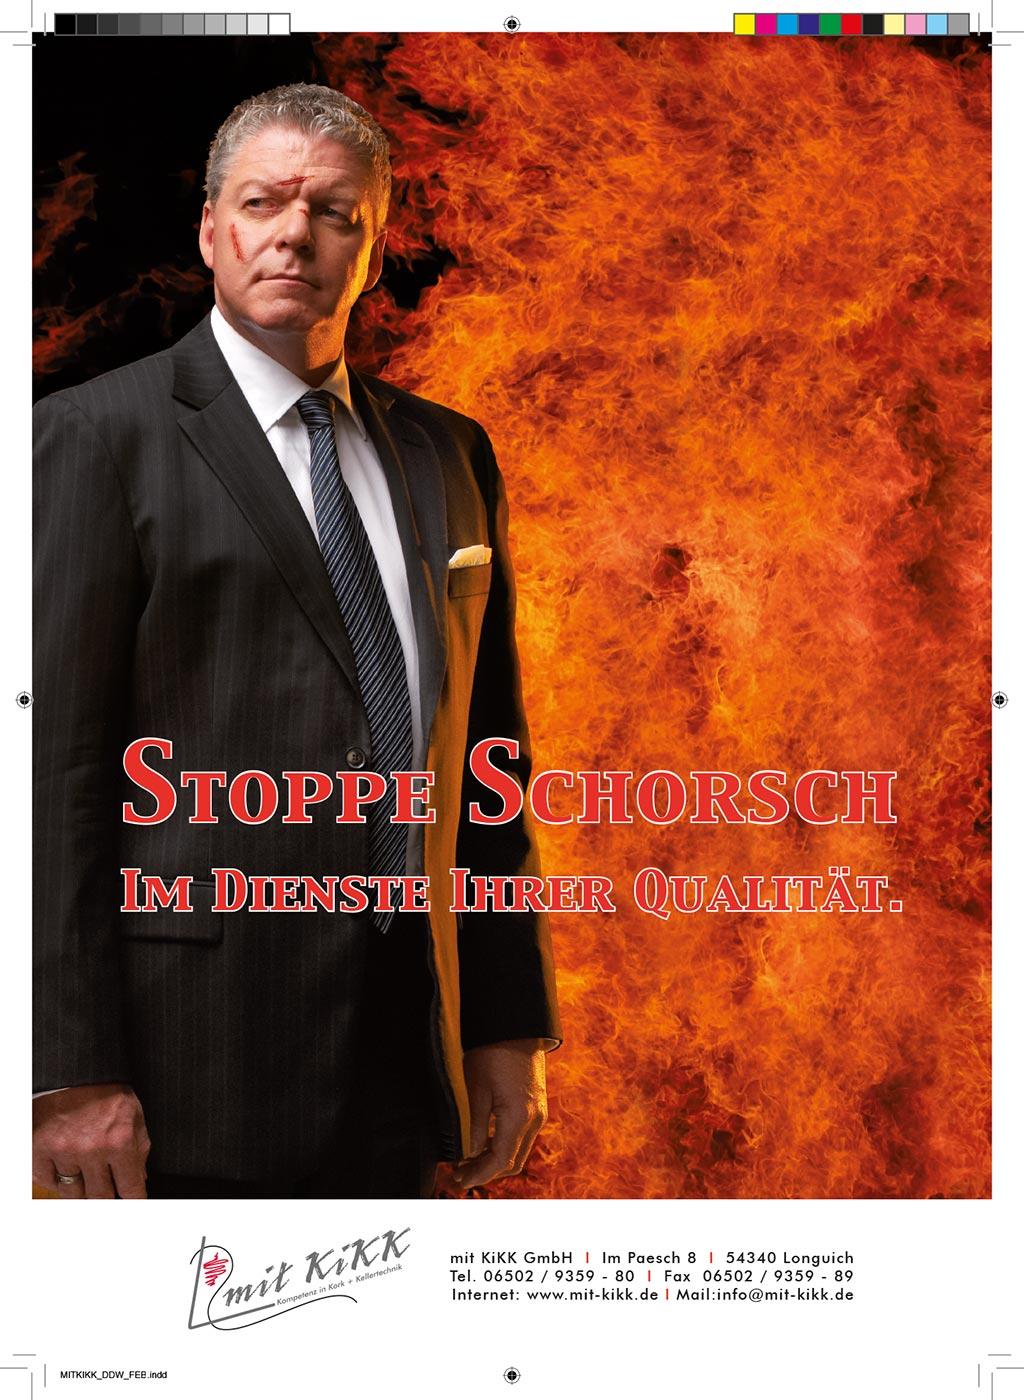 Webekampagne für Mit Kikk GmbH, Stoppe Schorsch mit Feuer im Hintergrund, Konzept, Fotografie, Layout: Atelier Yaph Trier